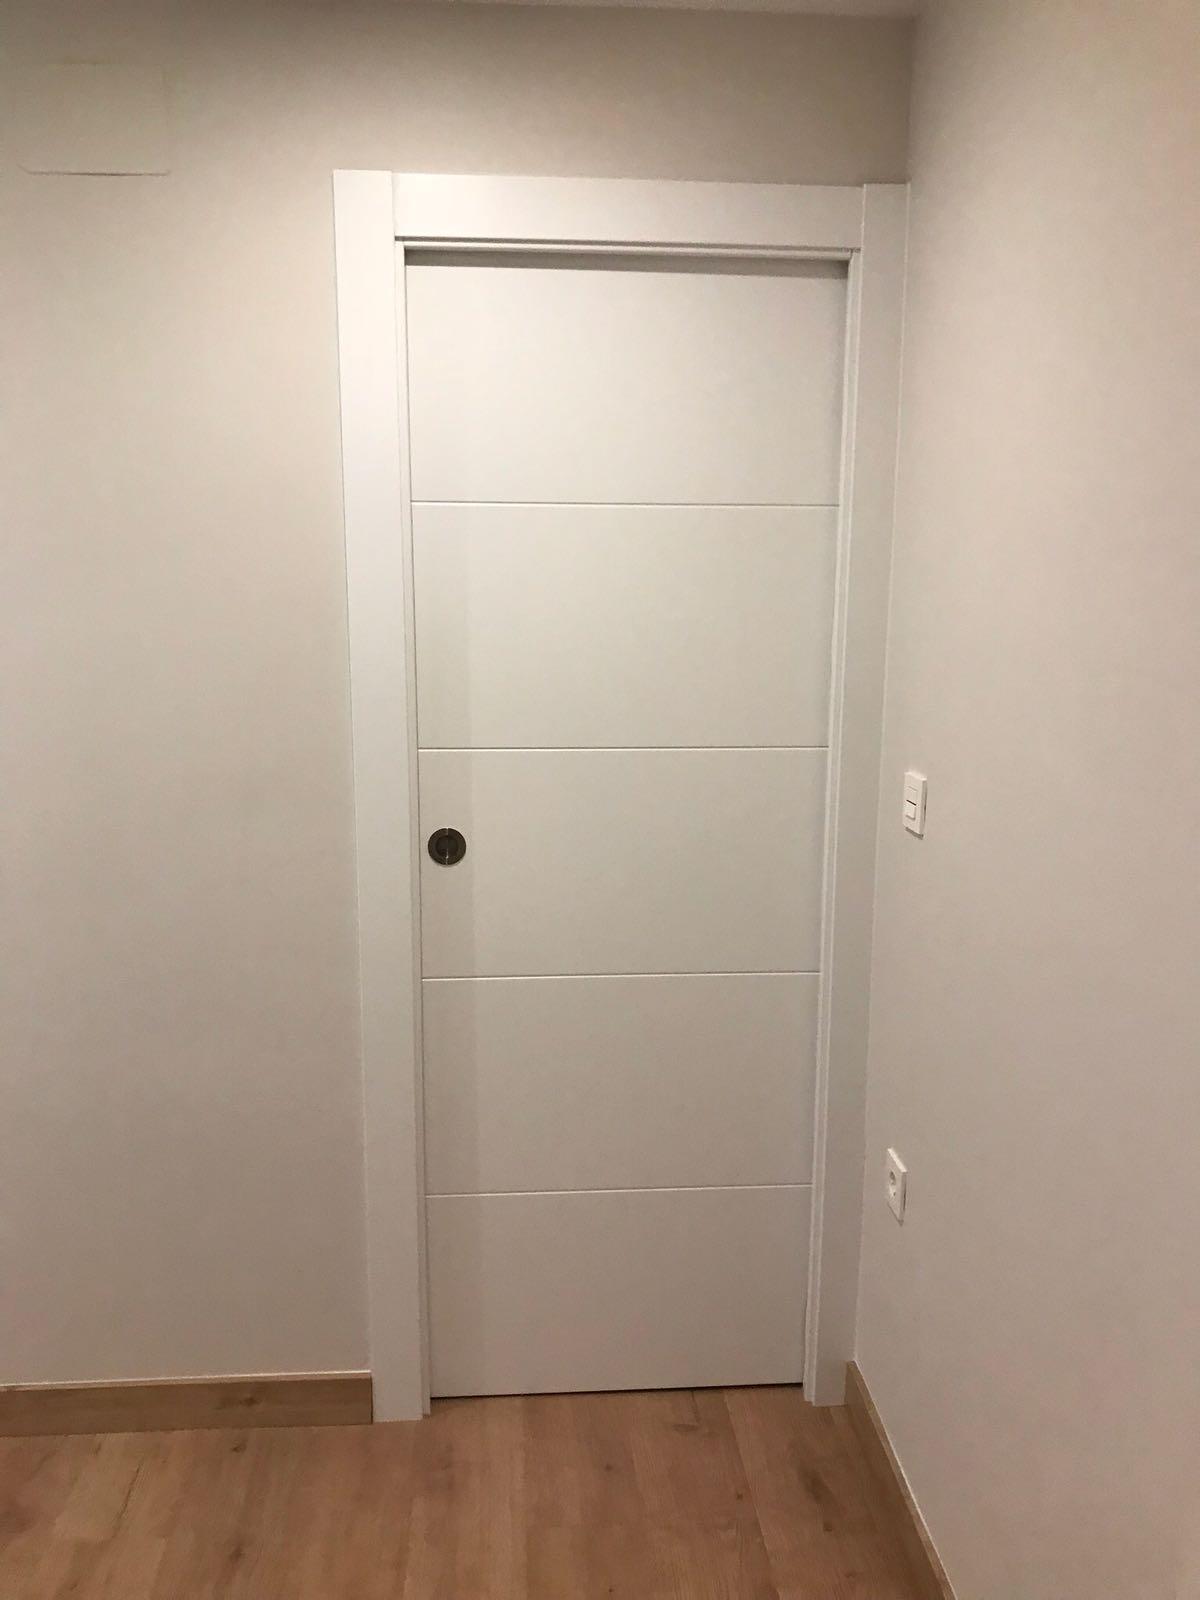 Puertas Lacadas En Blanco Roto. Cool Puertas Lacadas Blanco With ...